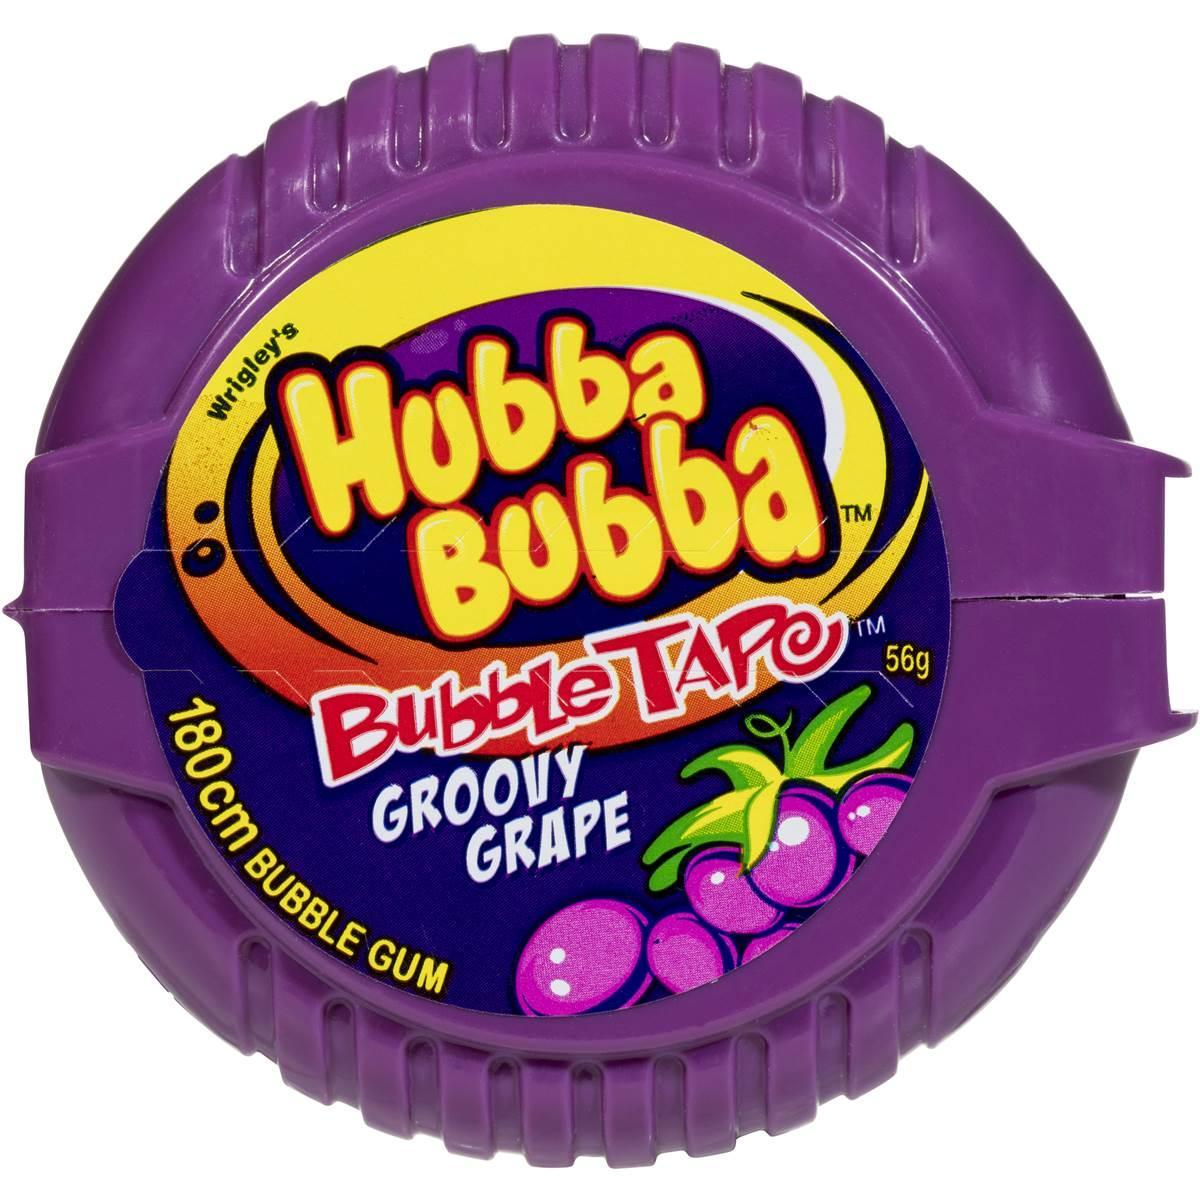 Жевательная резинка Hubba Bubba Tape Himbeer Хубба-Бубба малина